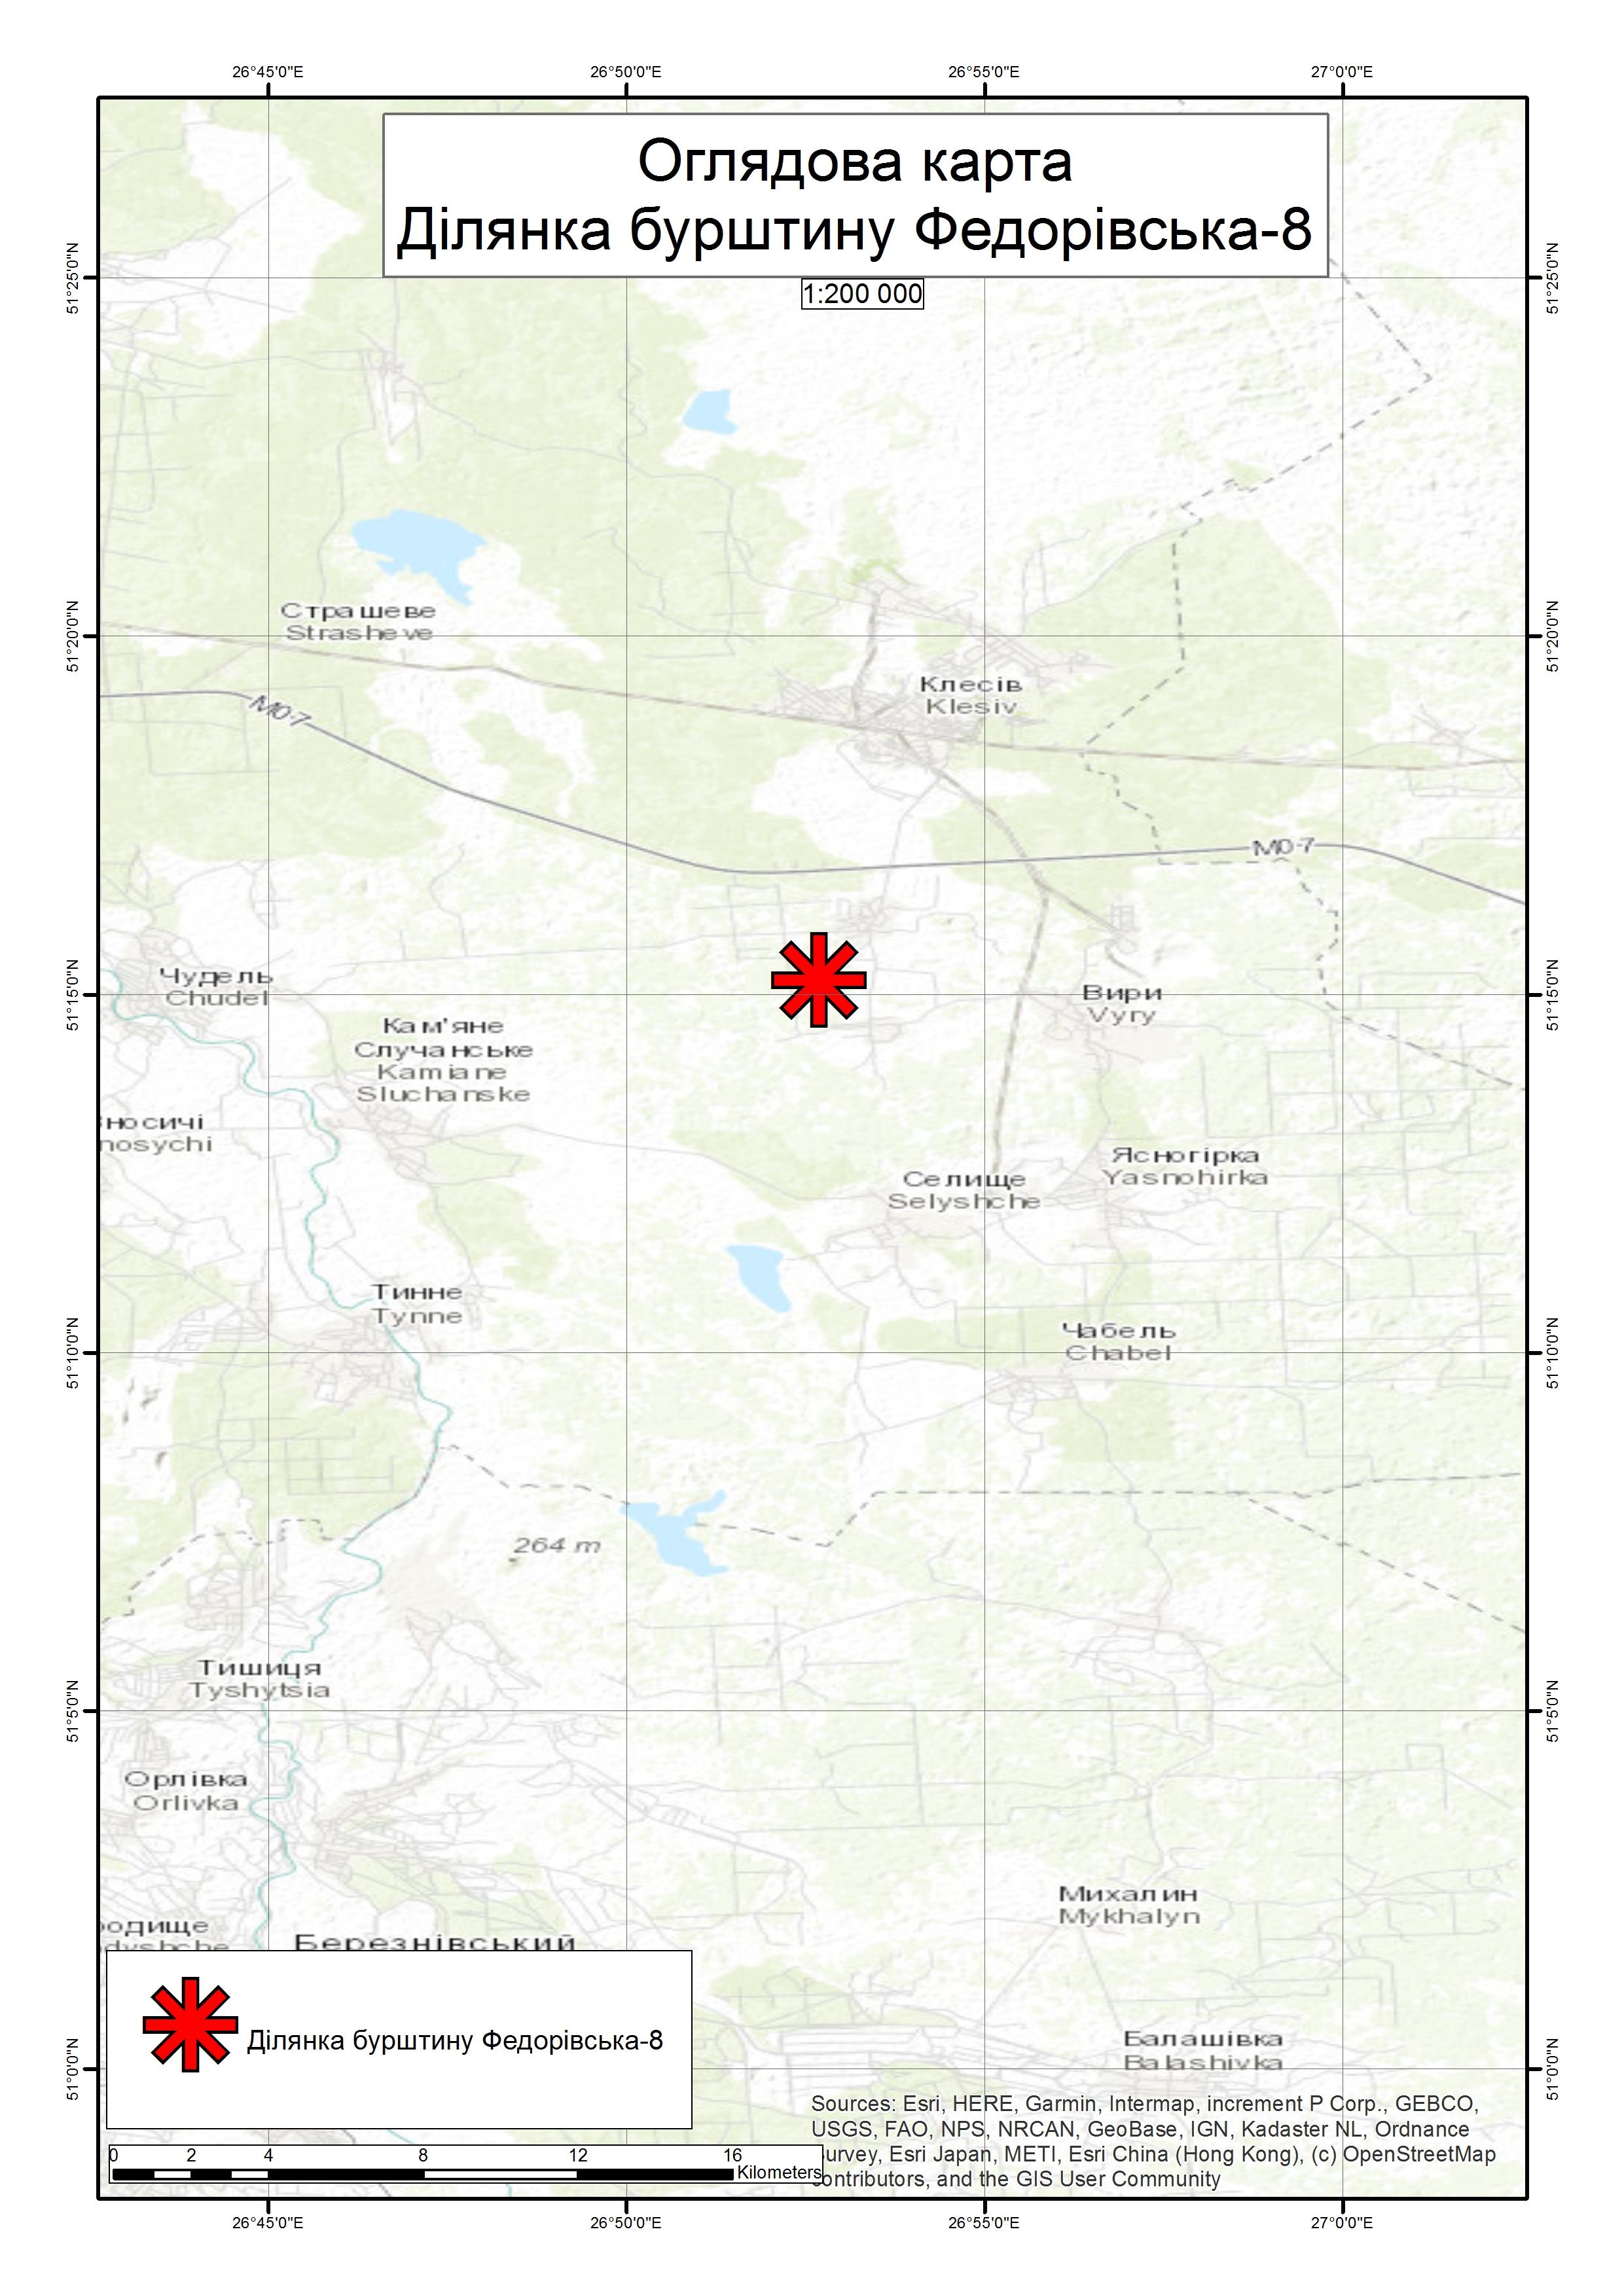 Спеціальний дозвіл на користування надрами – Ділянка Федорівська-8. Вартість геологічної інформації – 124 434,97 грн (з ПДВ). Вартість пакету аукціонної документації – 10 448,88 грн (з ПДВ).